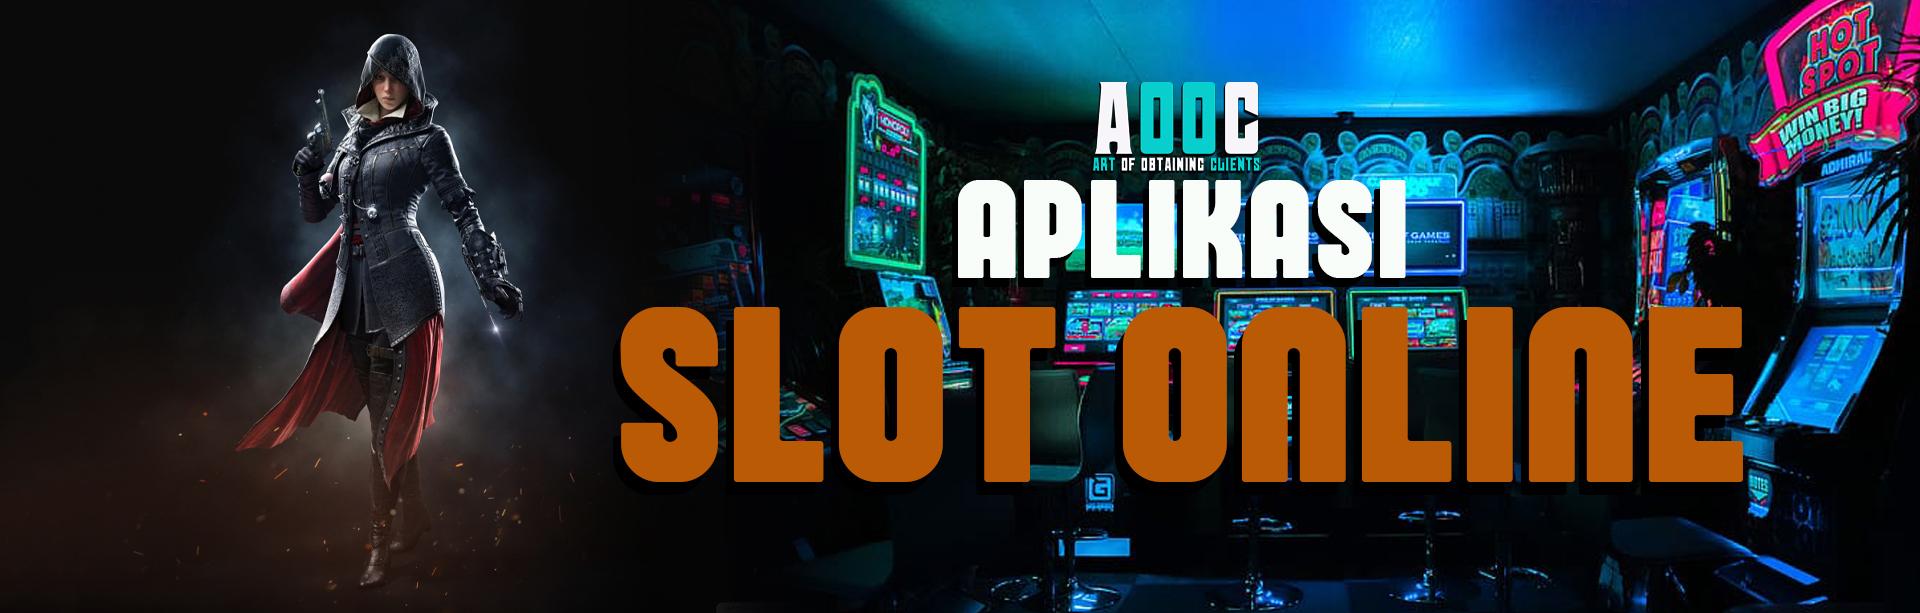 Aplikasi slot game